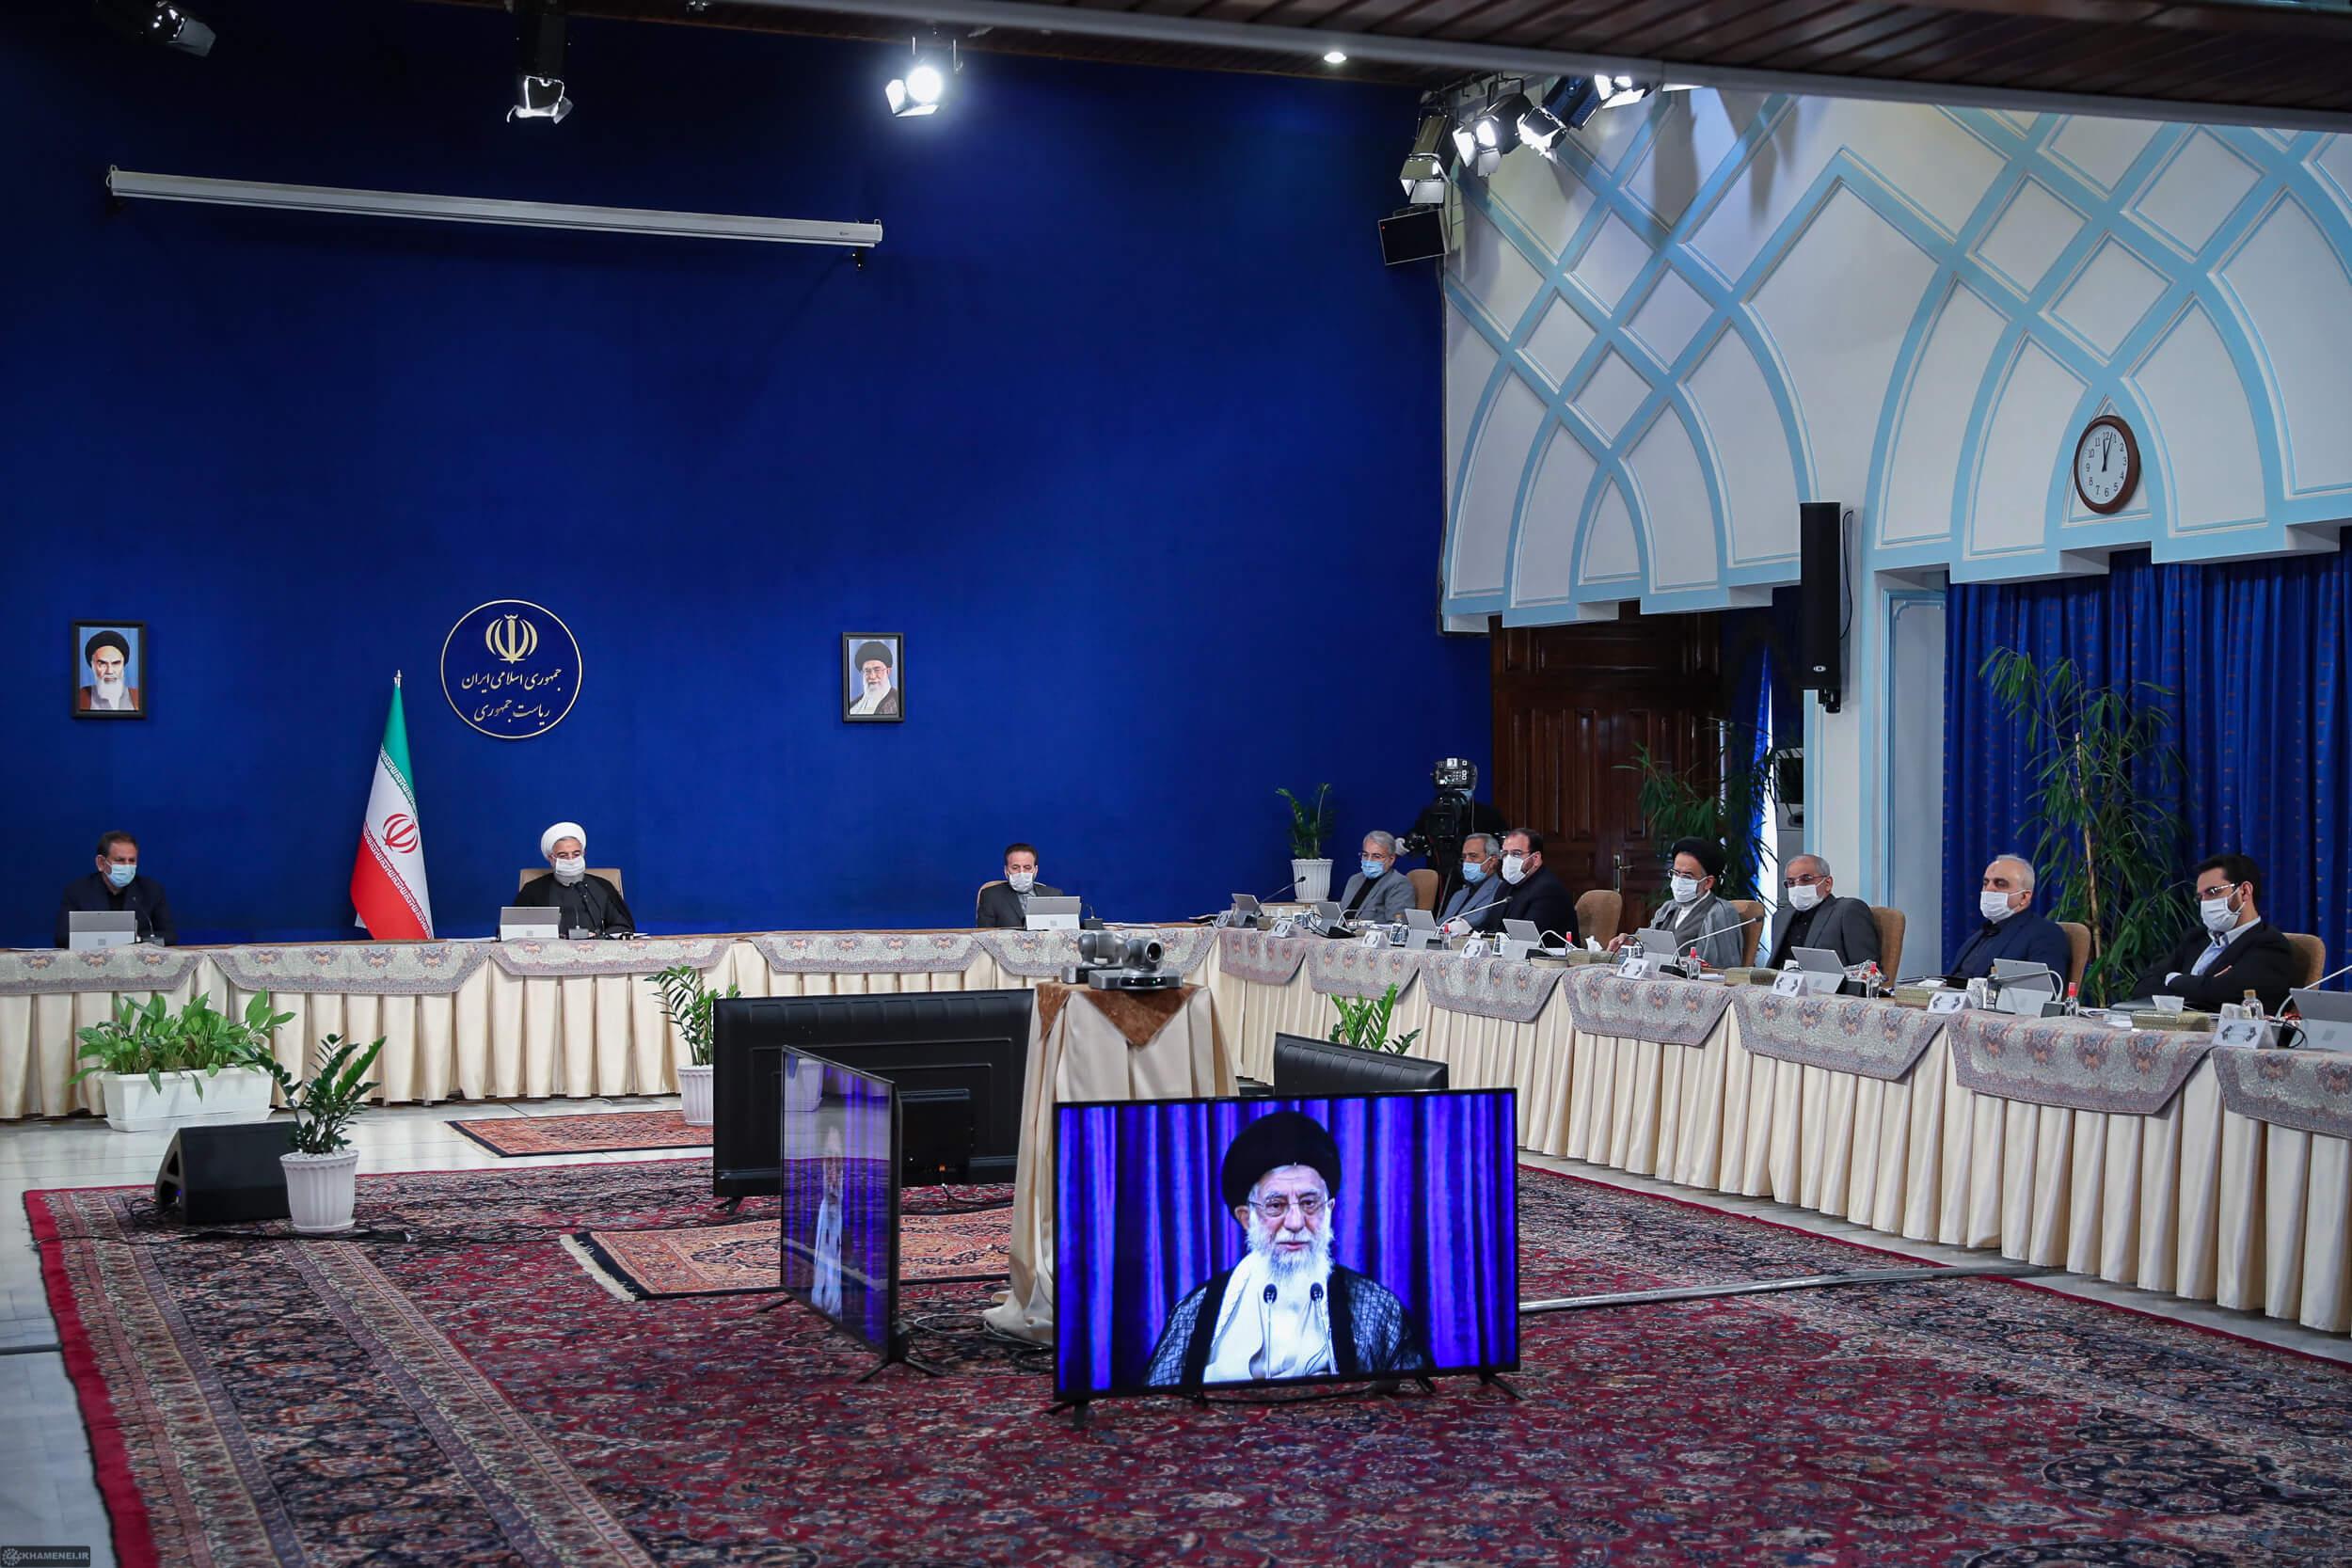 دیدار امام خامنه ای با هیئت دولت حسن روحانی از تماس ویدیوی